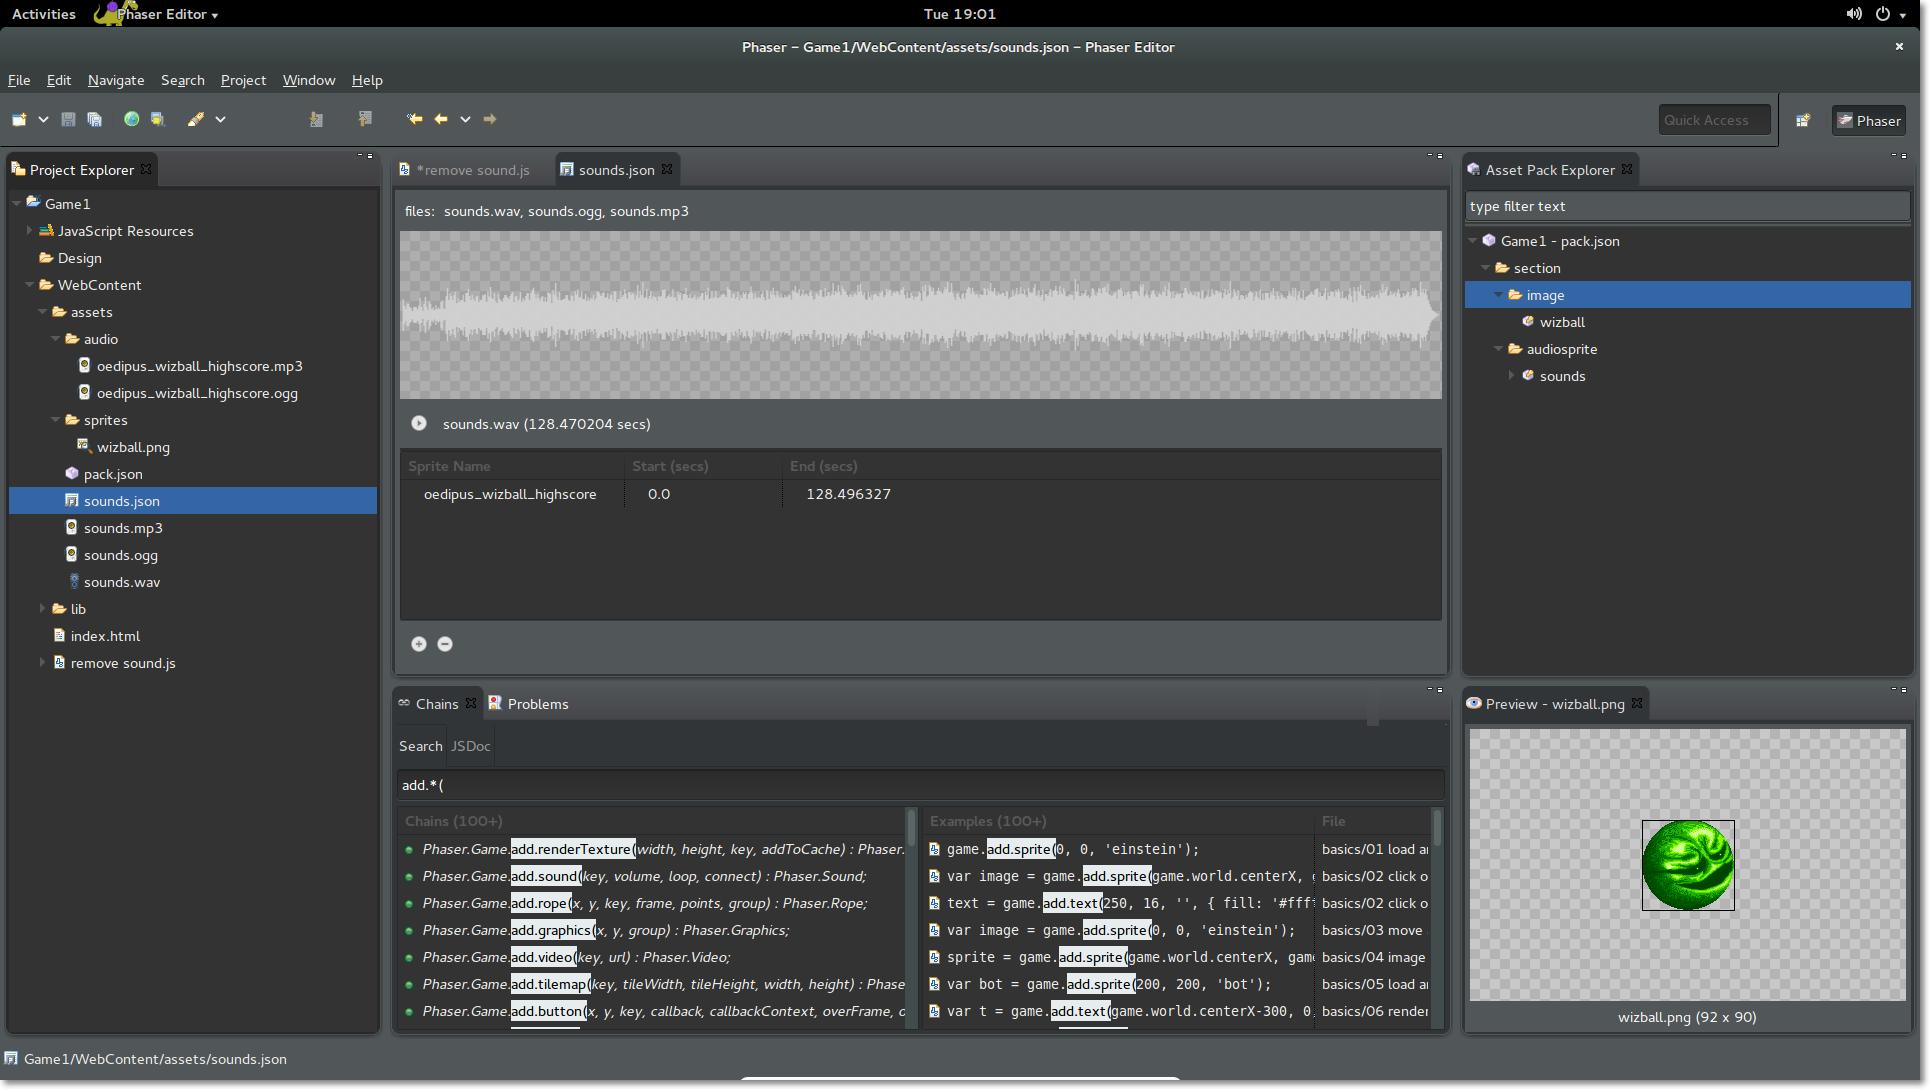 phaser editor key